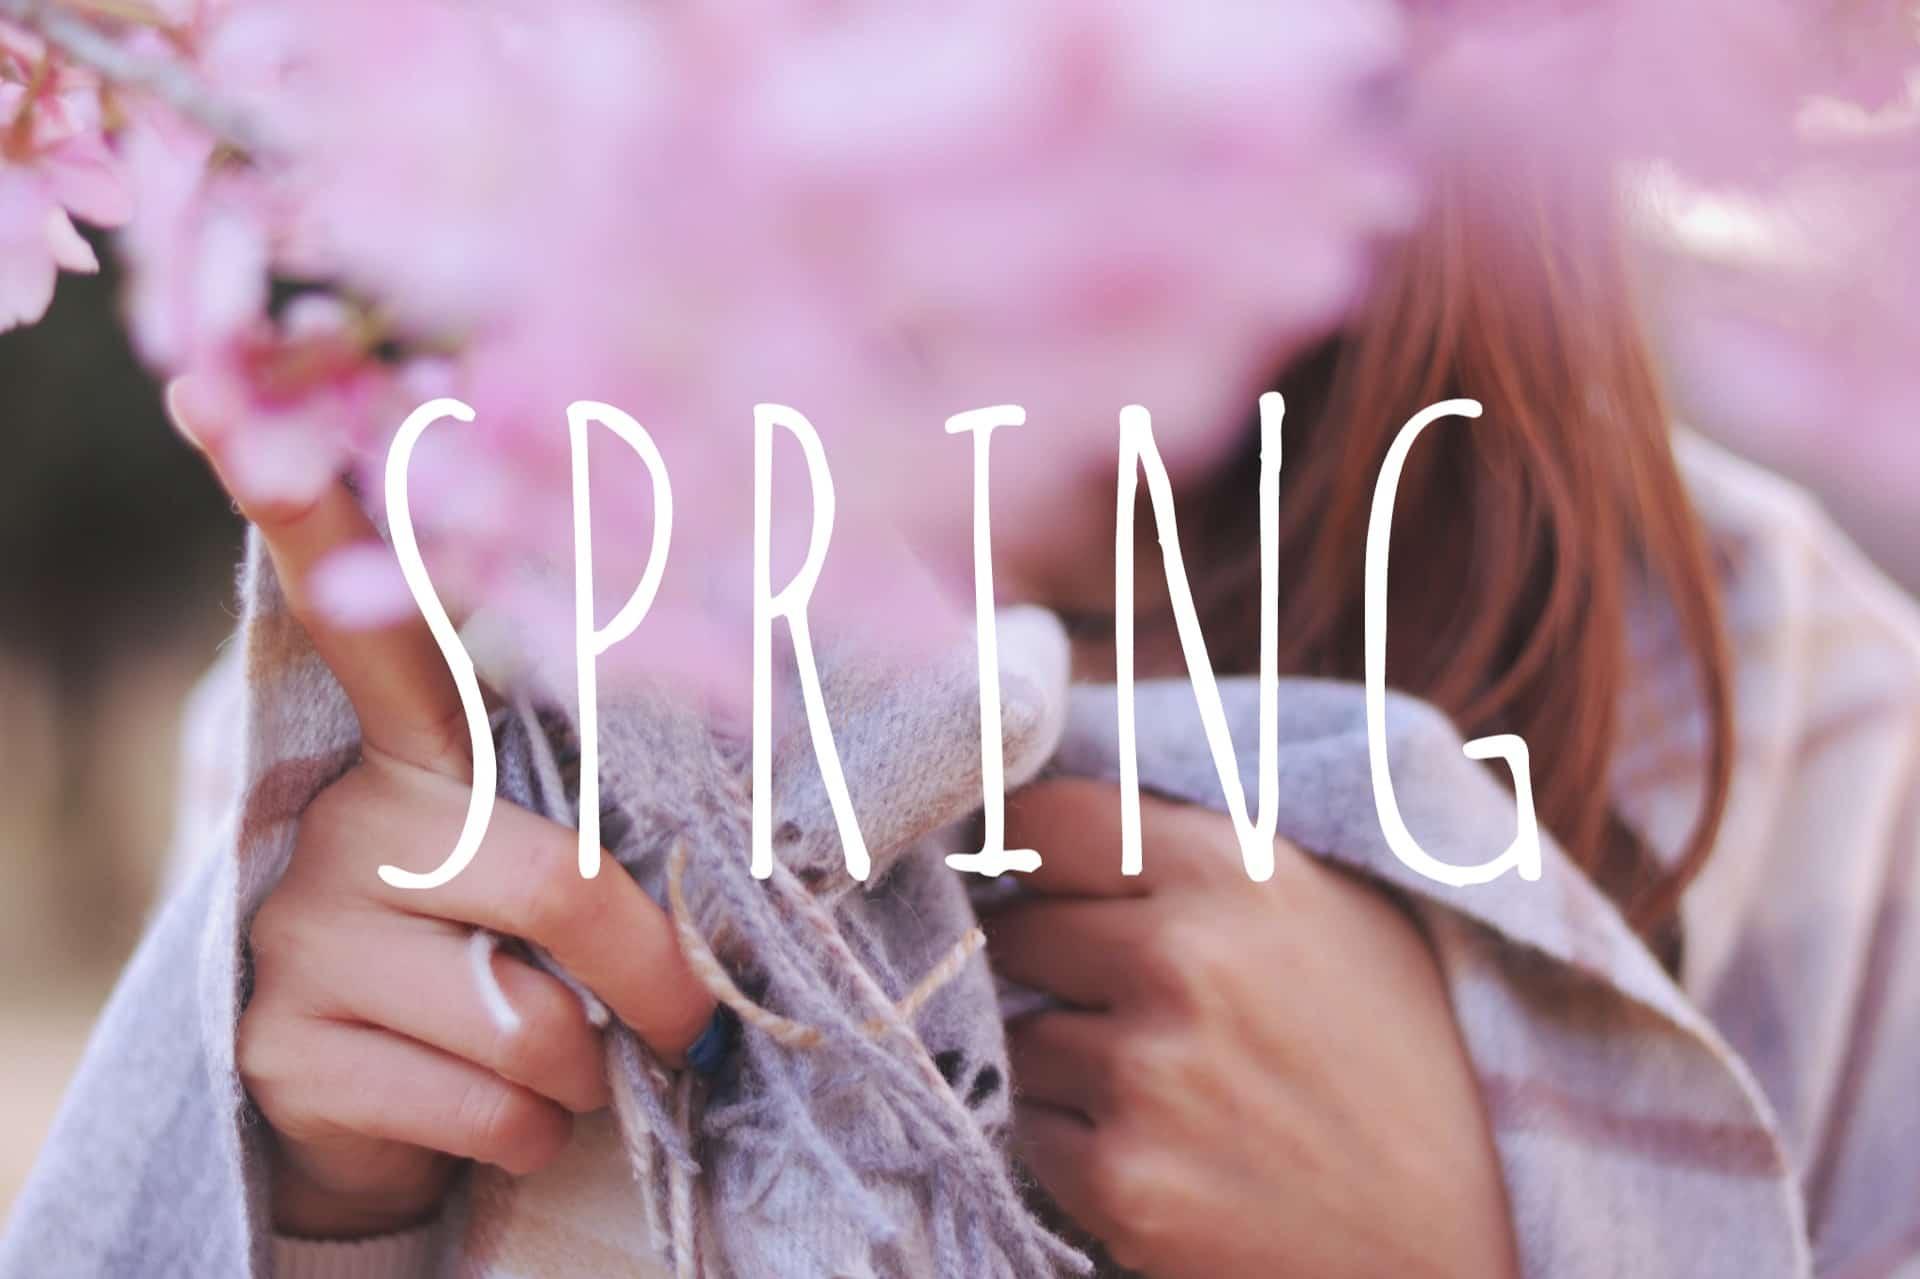 【2018年最新版】春うた厳選26曲。聴いていて思わずルンルン気分になる歌を集めました